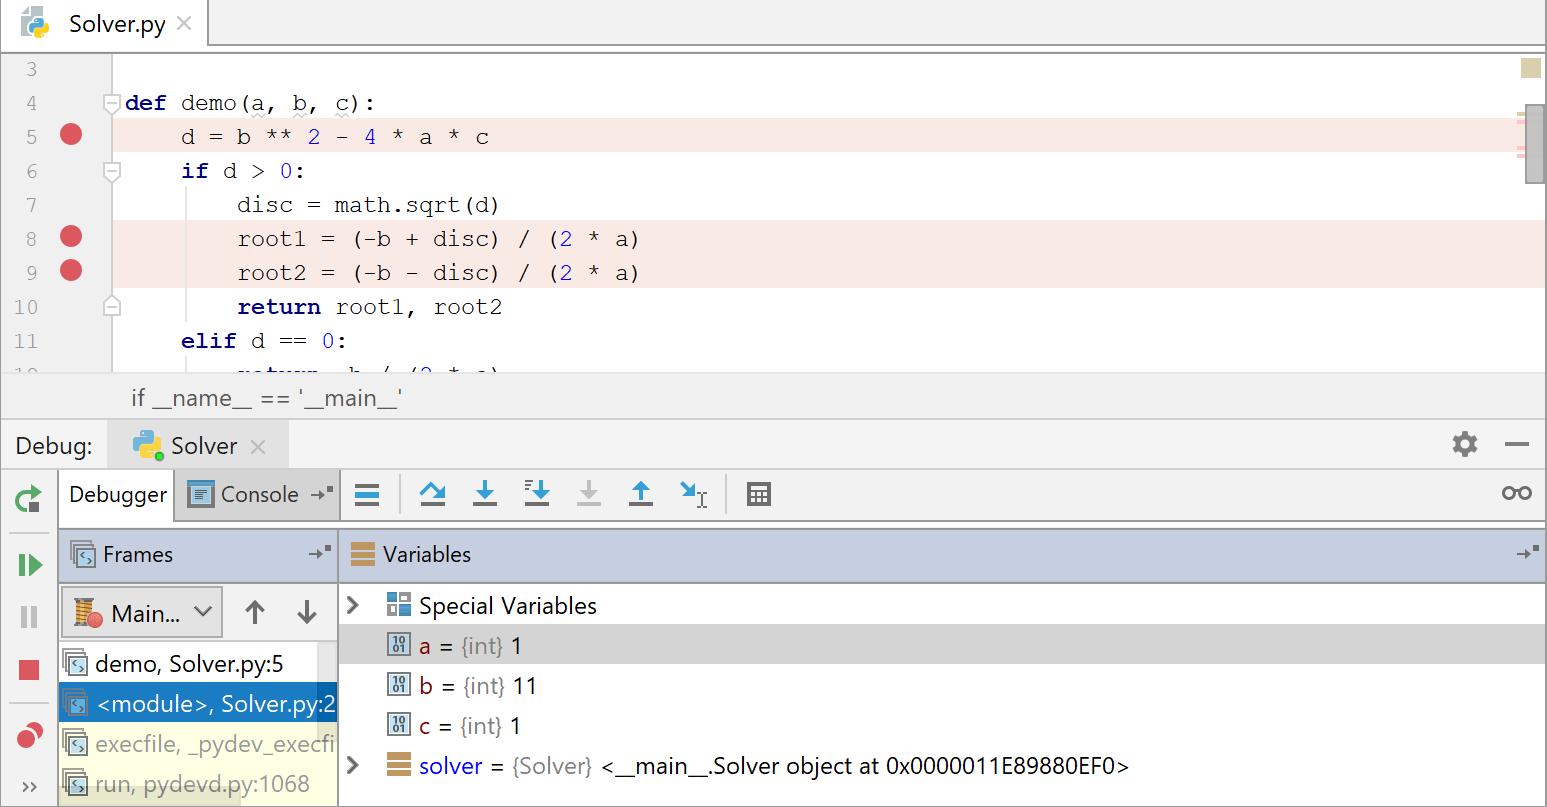 debug the script